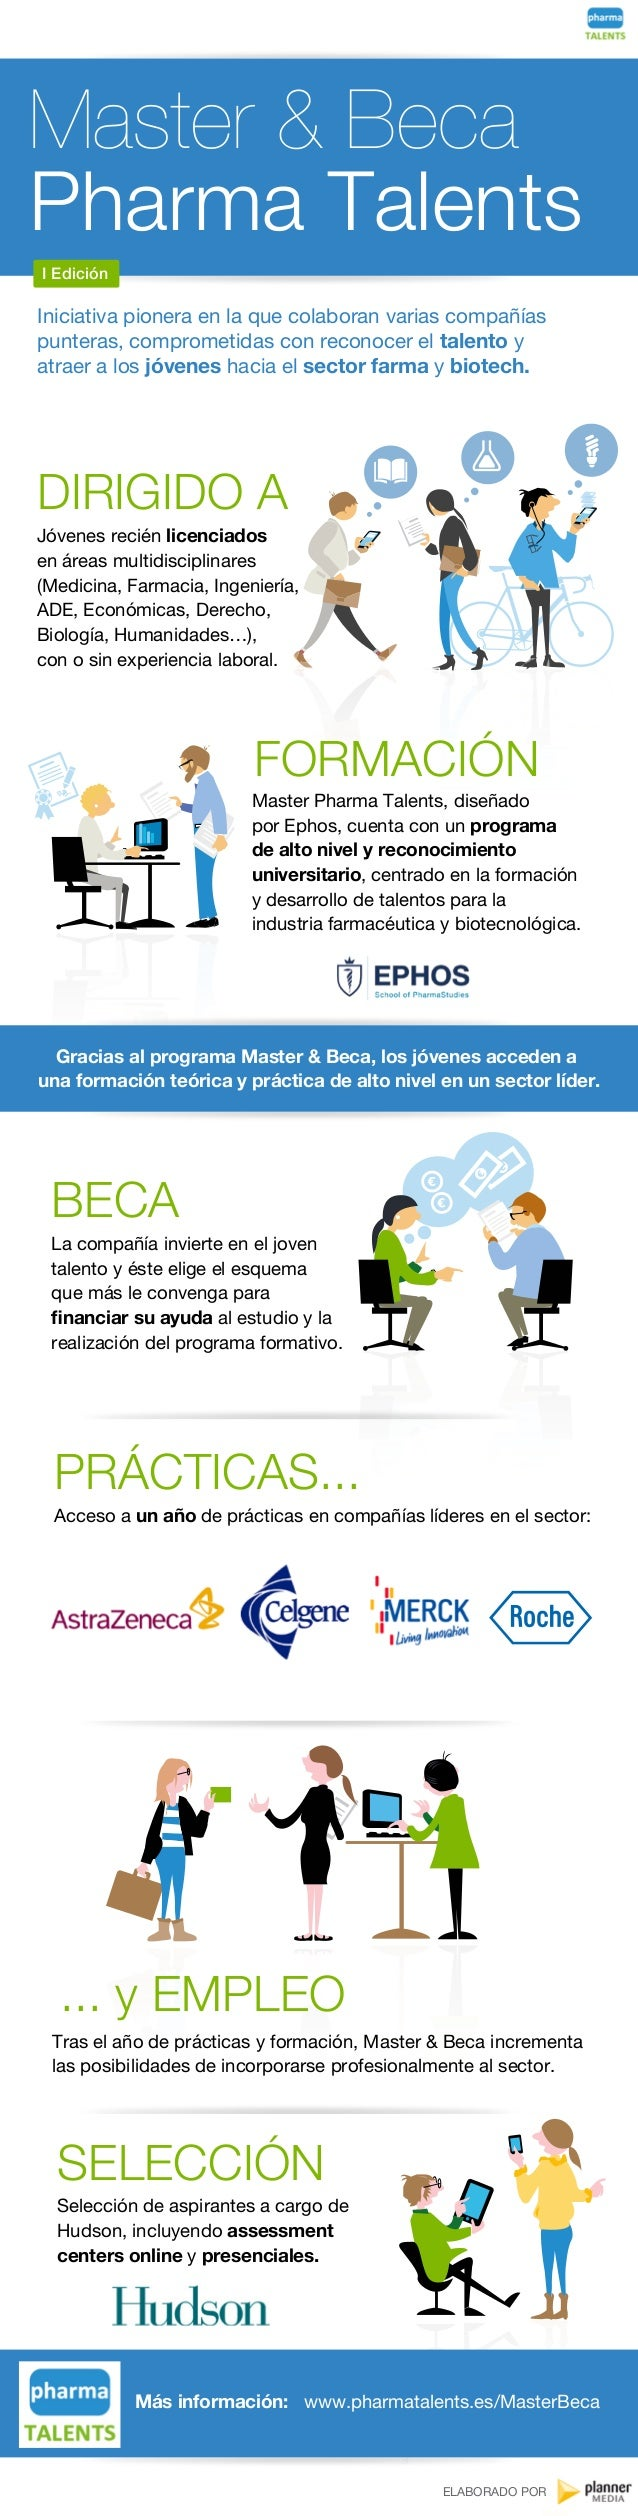 Tras el año de prácticas y formación, Master & Beca incrementa las posibilidades de incorporarse profesionalmente al secto...